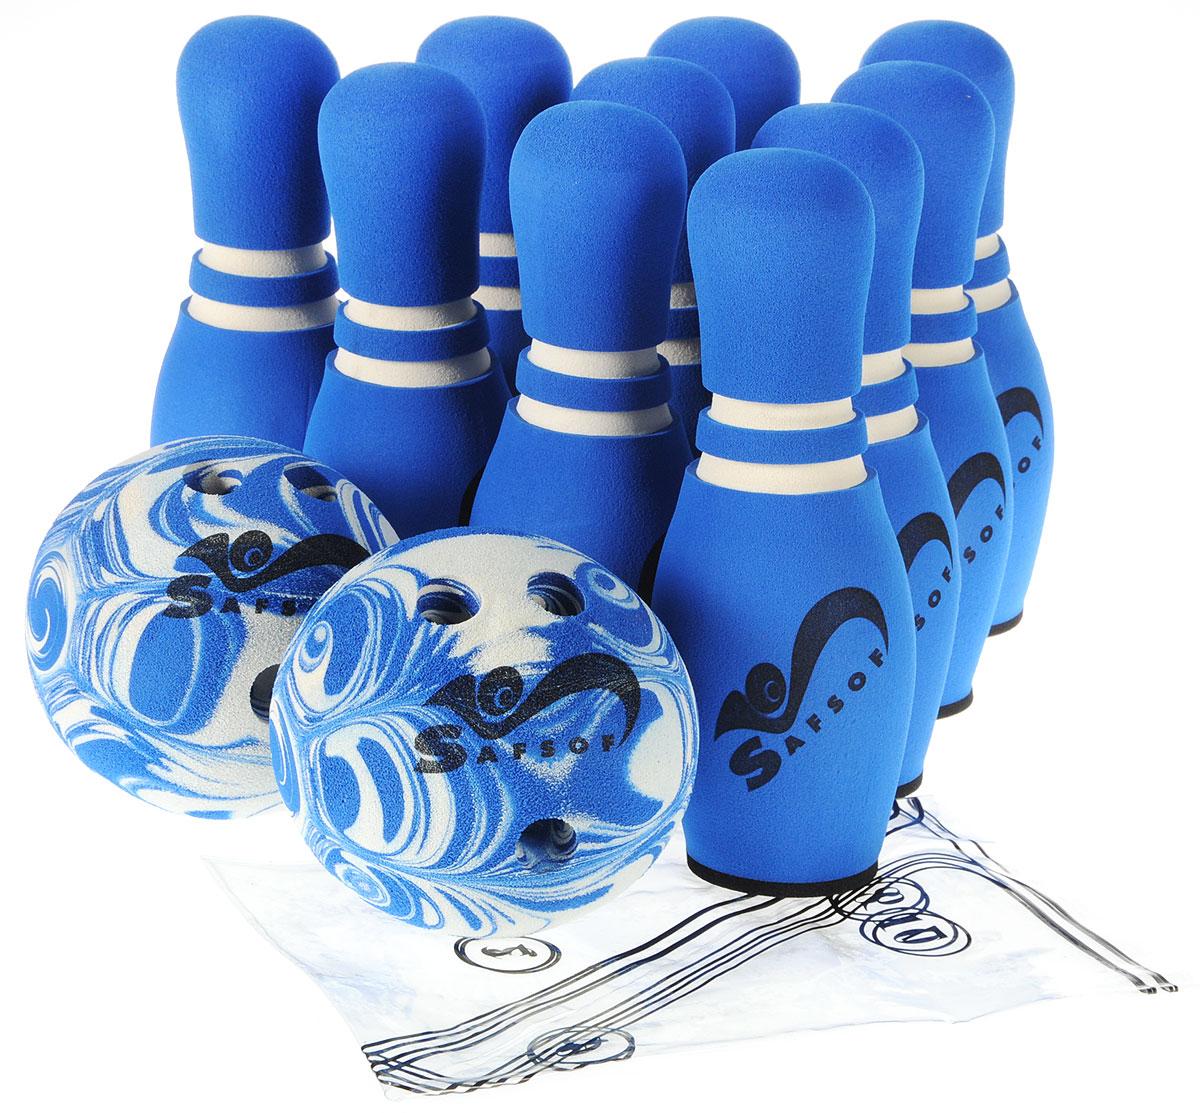 Safsof Игровой набор Боулинг цвет синий белый диаметр шара 14 см - Игры на открытом воздухе